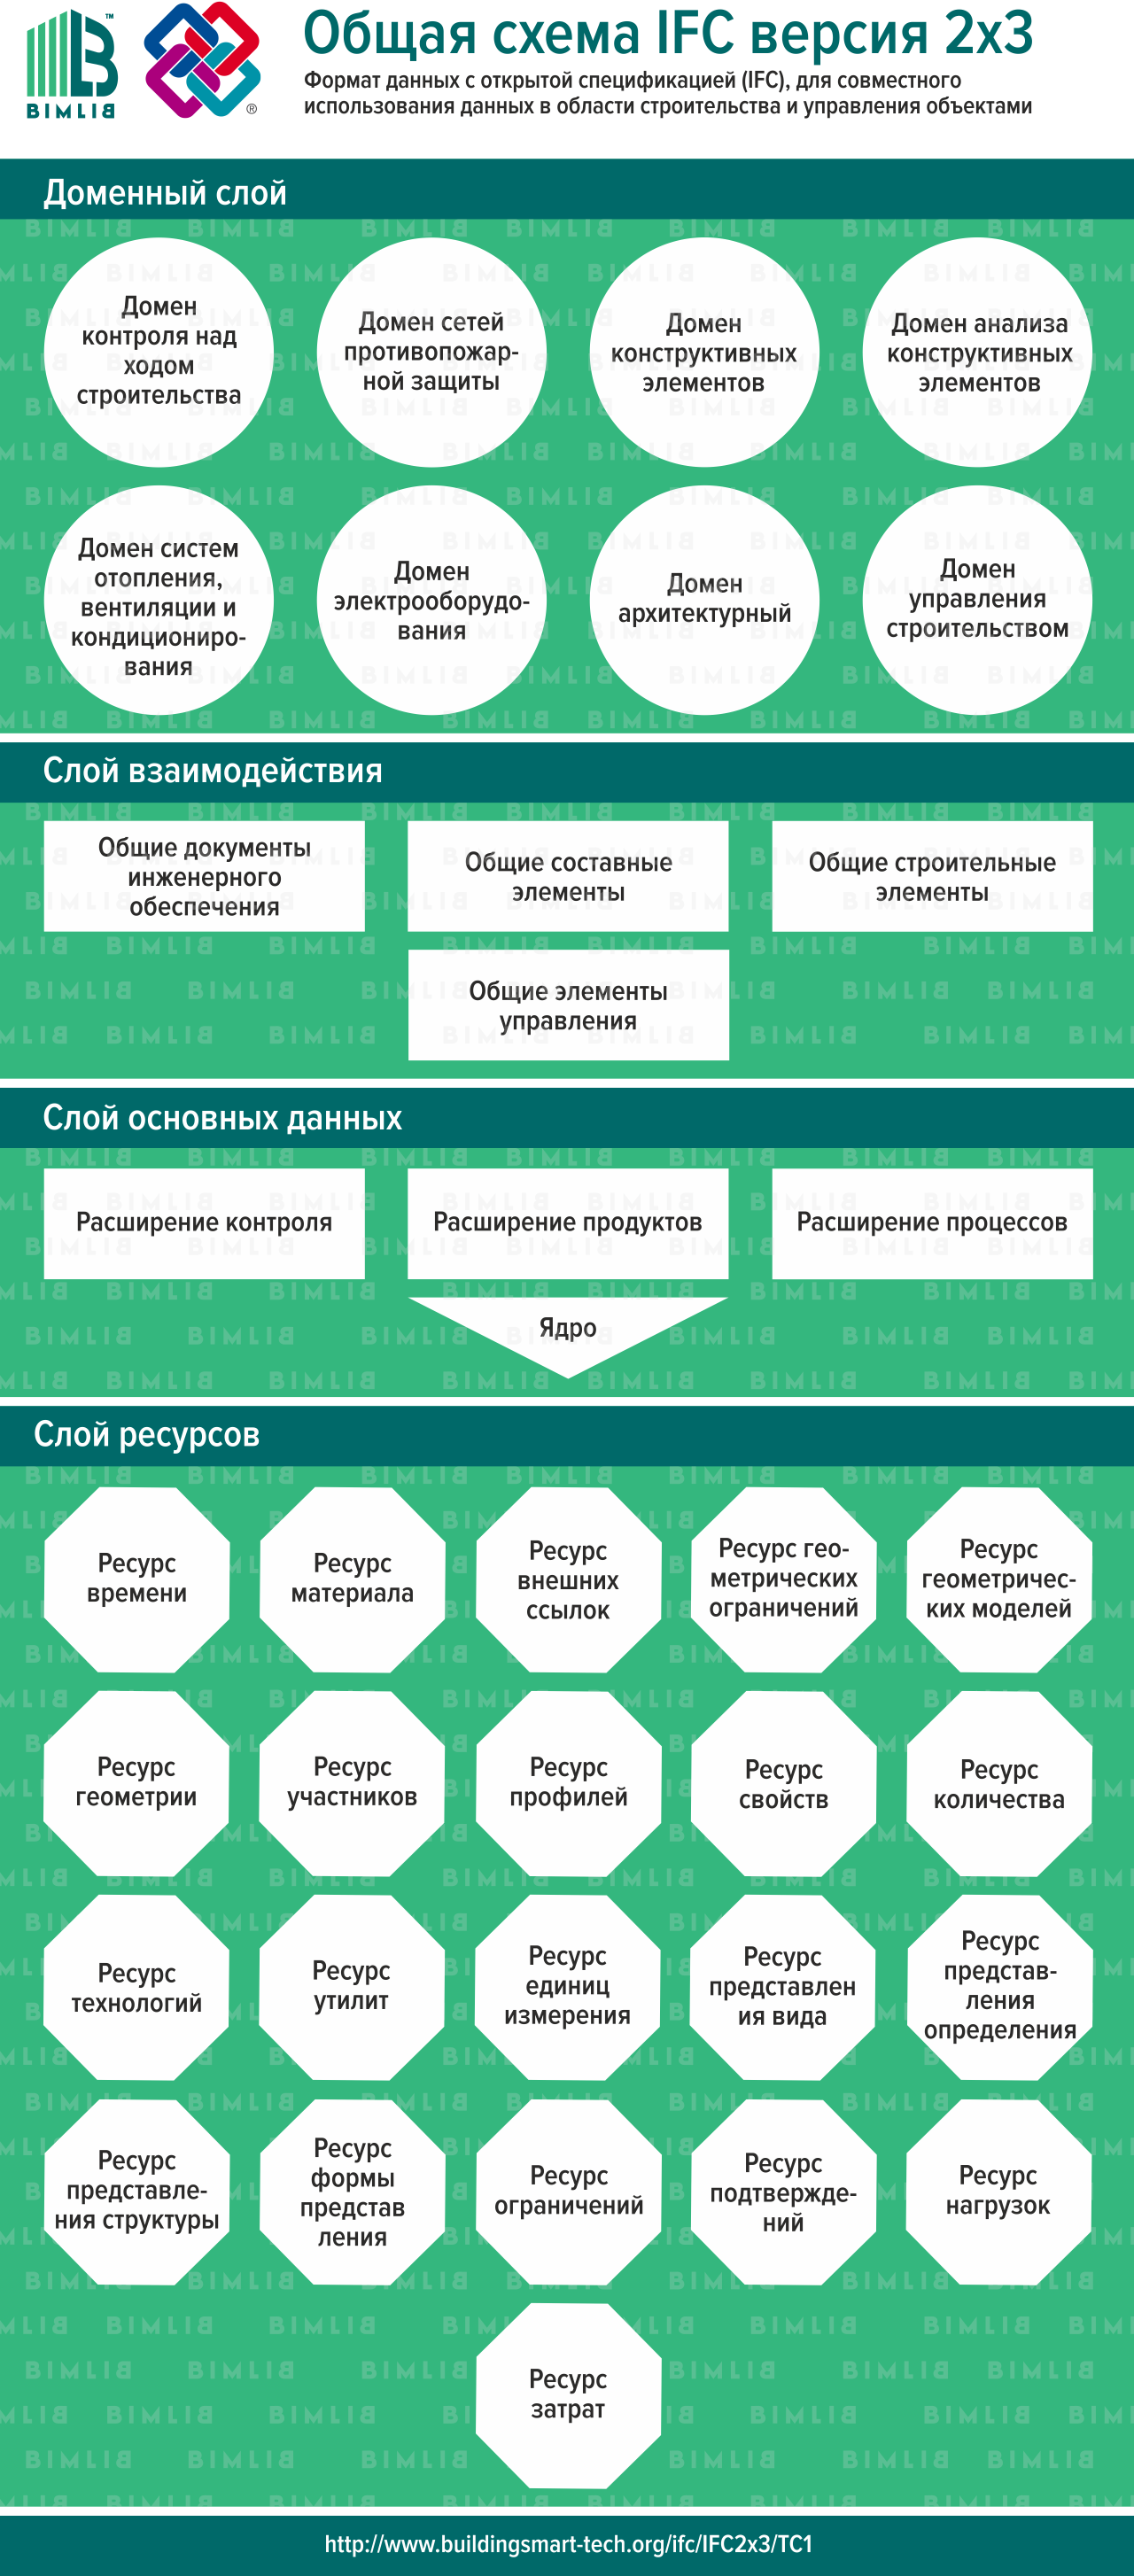 Общая схема IFC версии 2x3